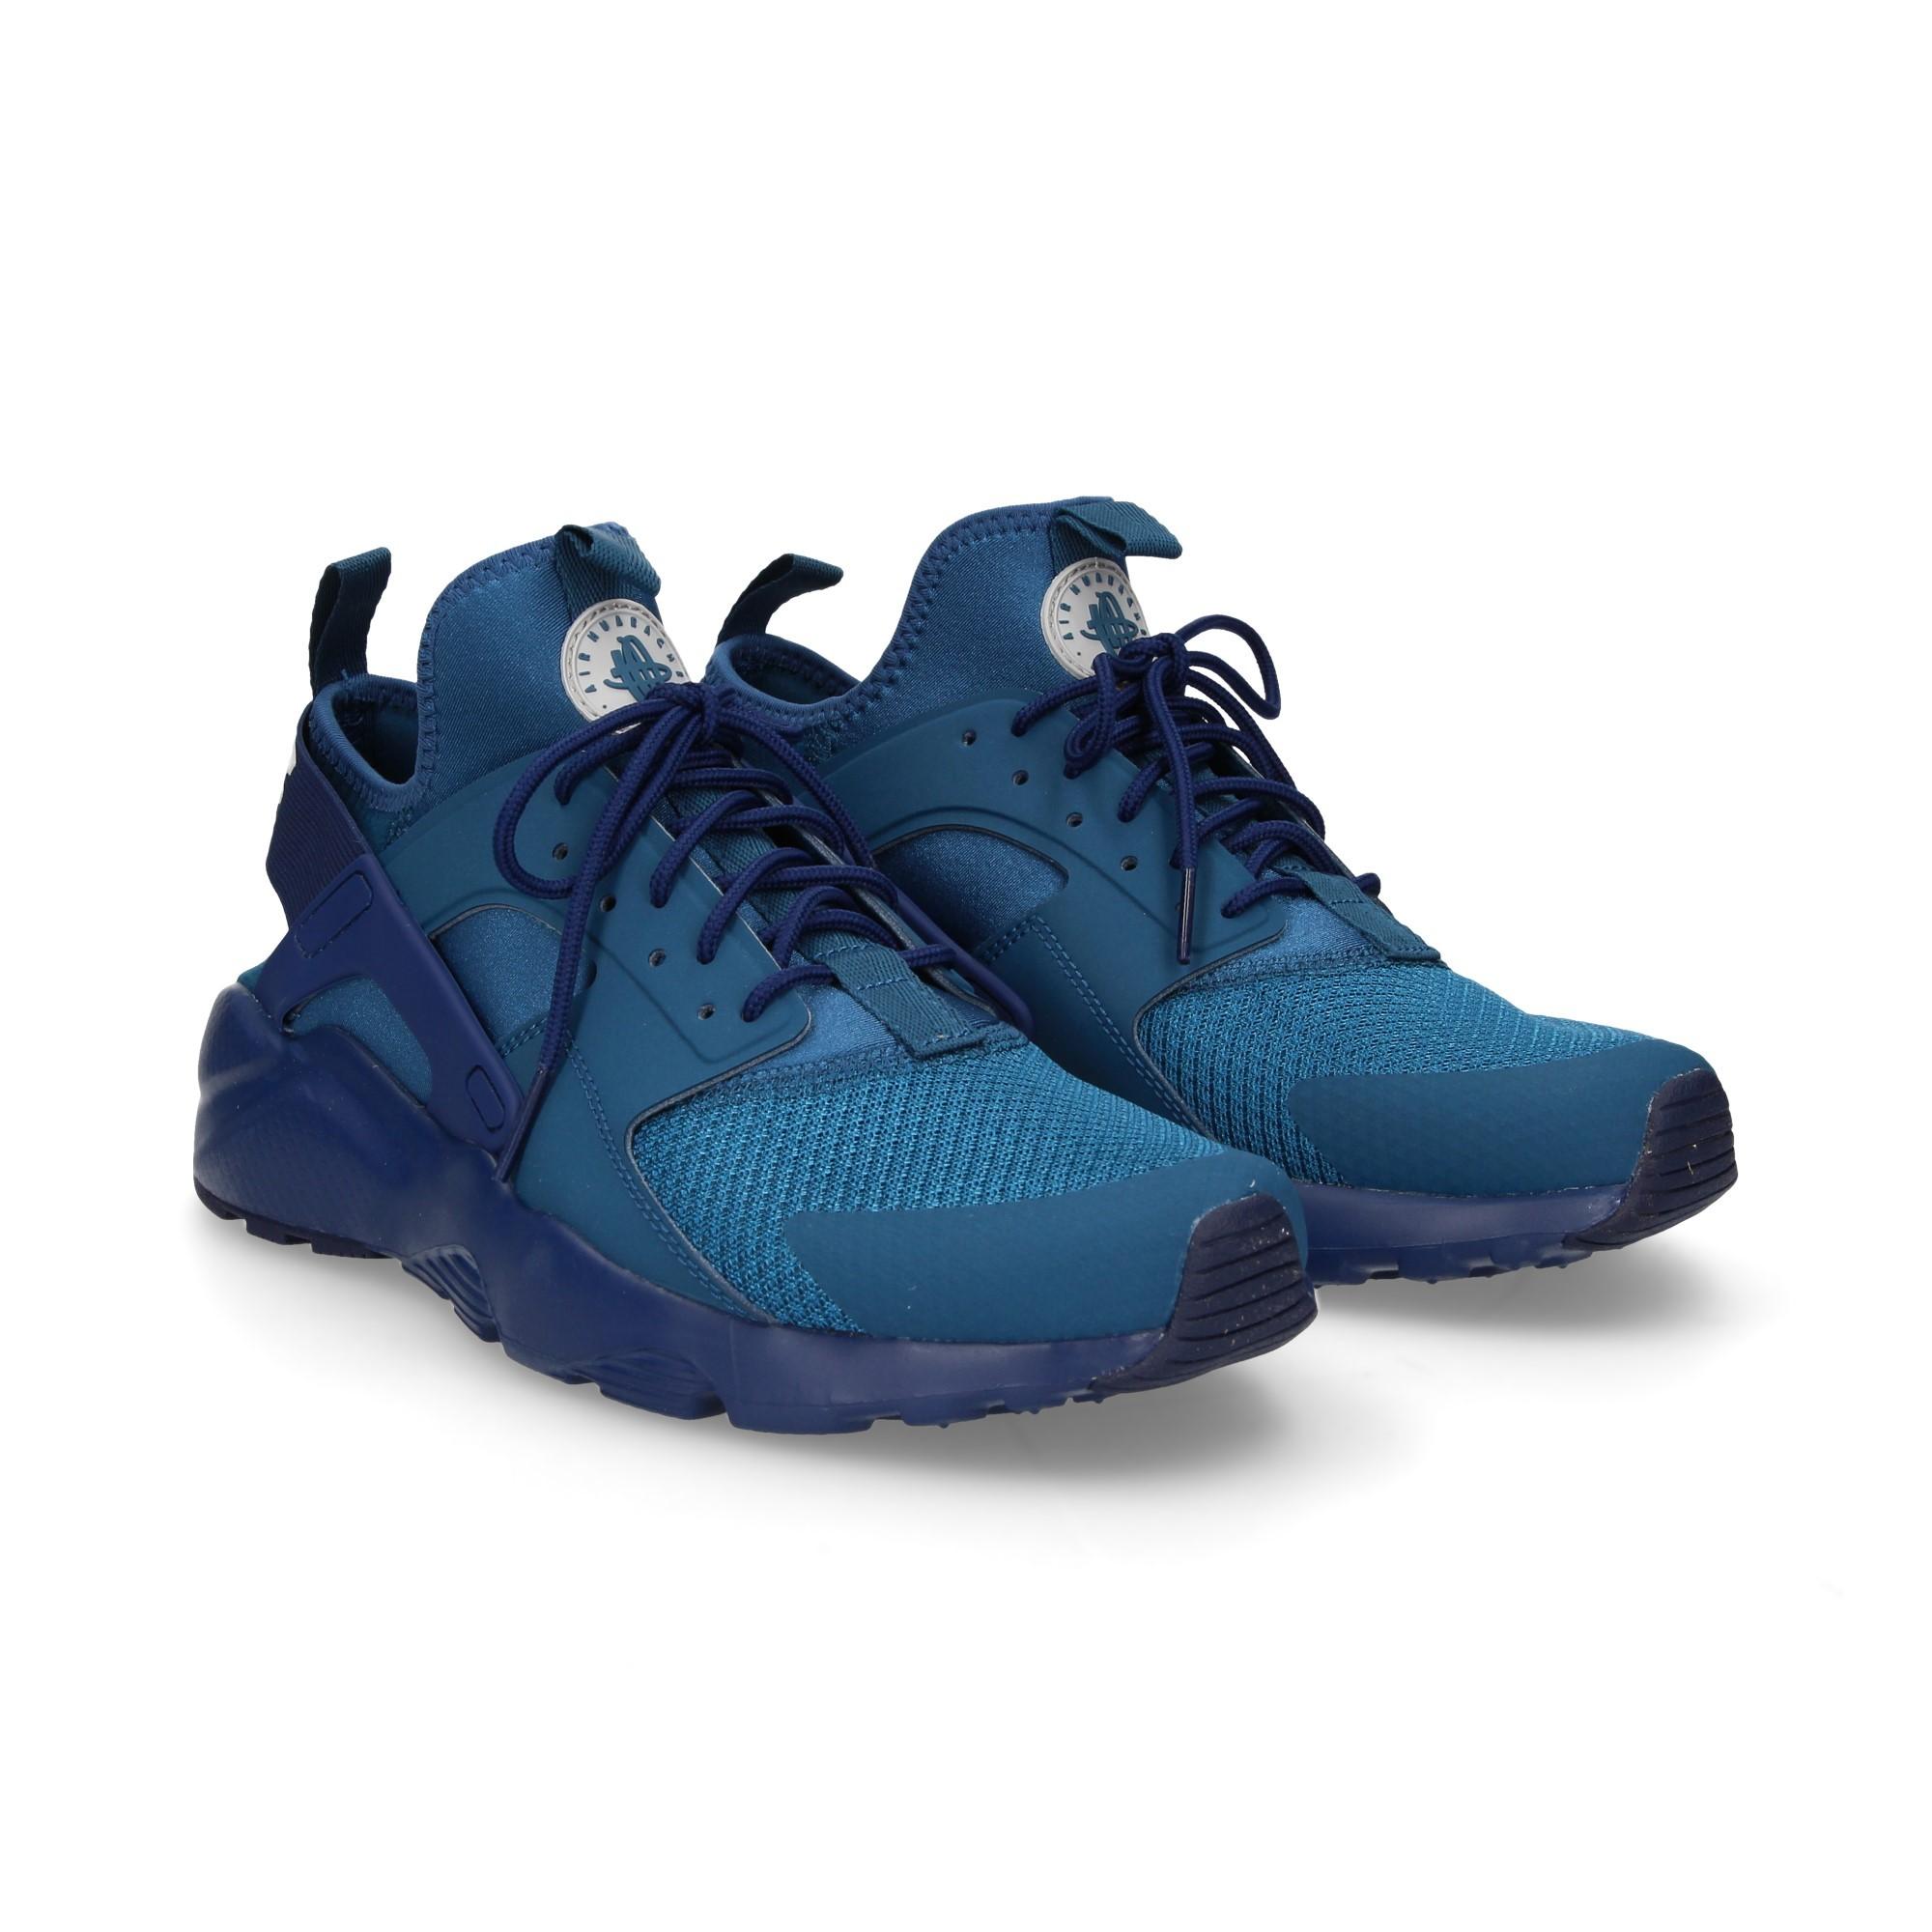 De Hombre 819685 Azul Nike 414 Zapatillas SpMUzqV